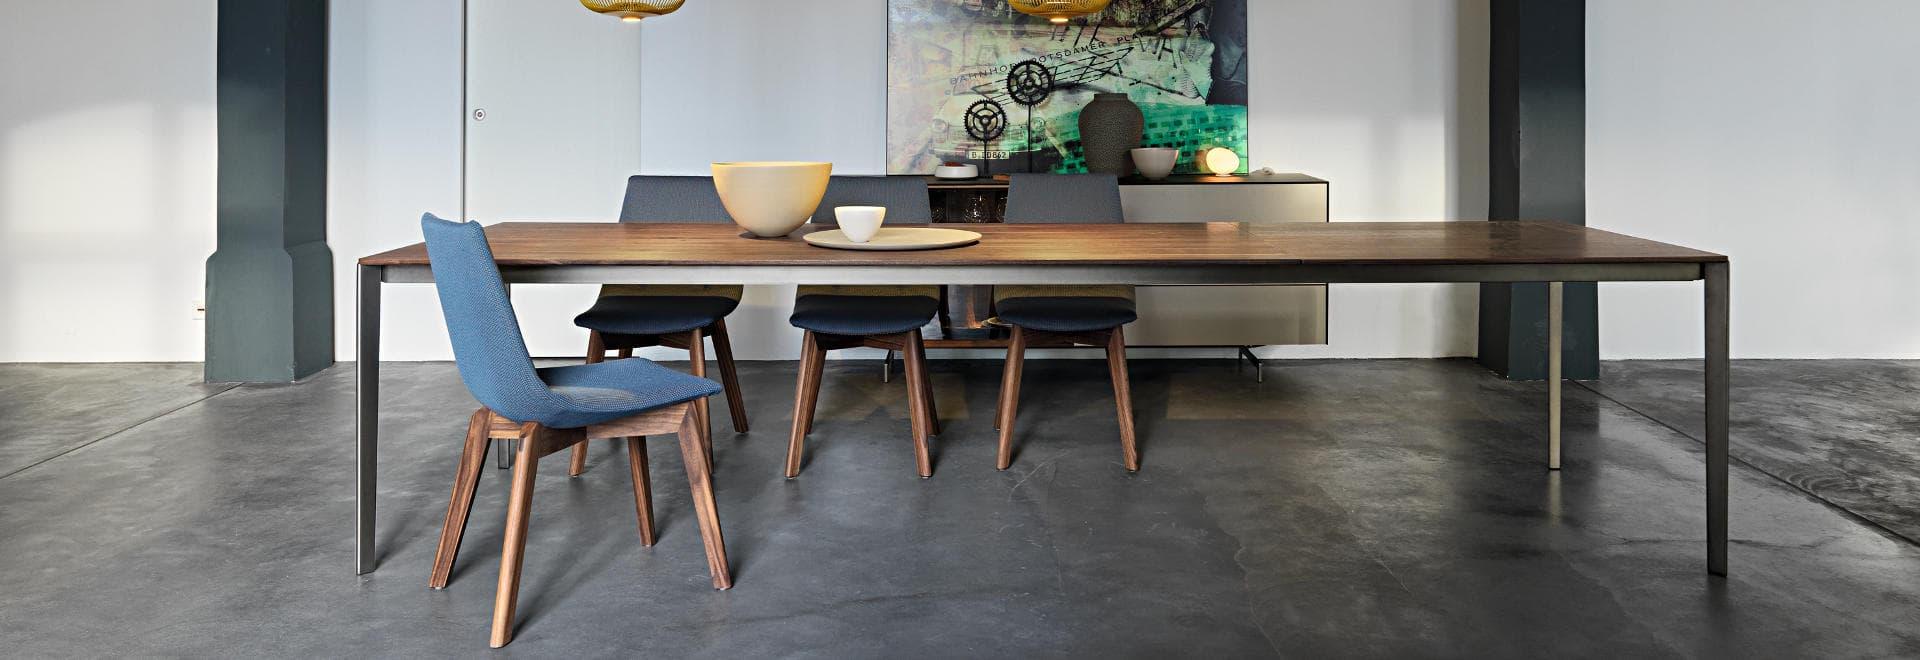 Full Size of Esstische Ausziehbar Massivholz Kleine Holz Moderne Runde Design Designer Rund Massiv Esstische Esstische